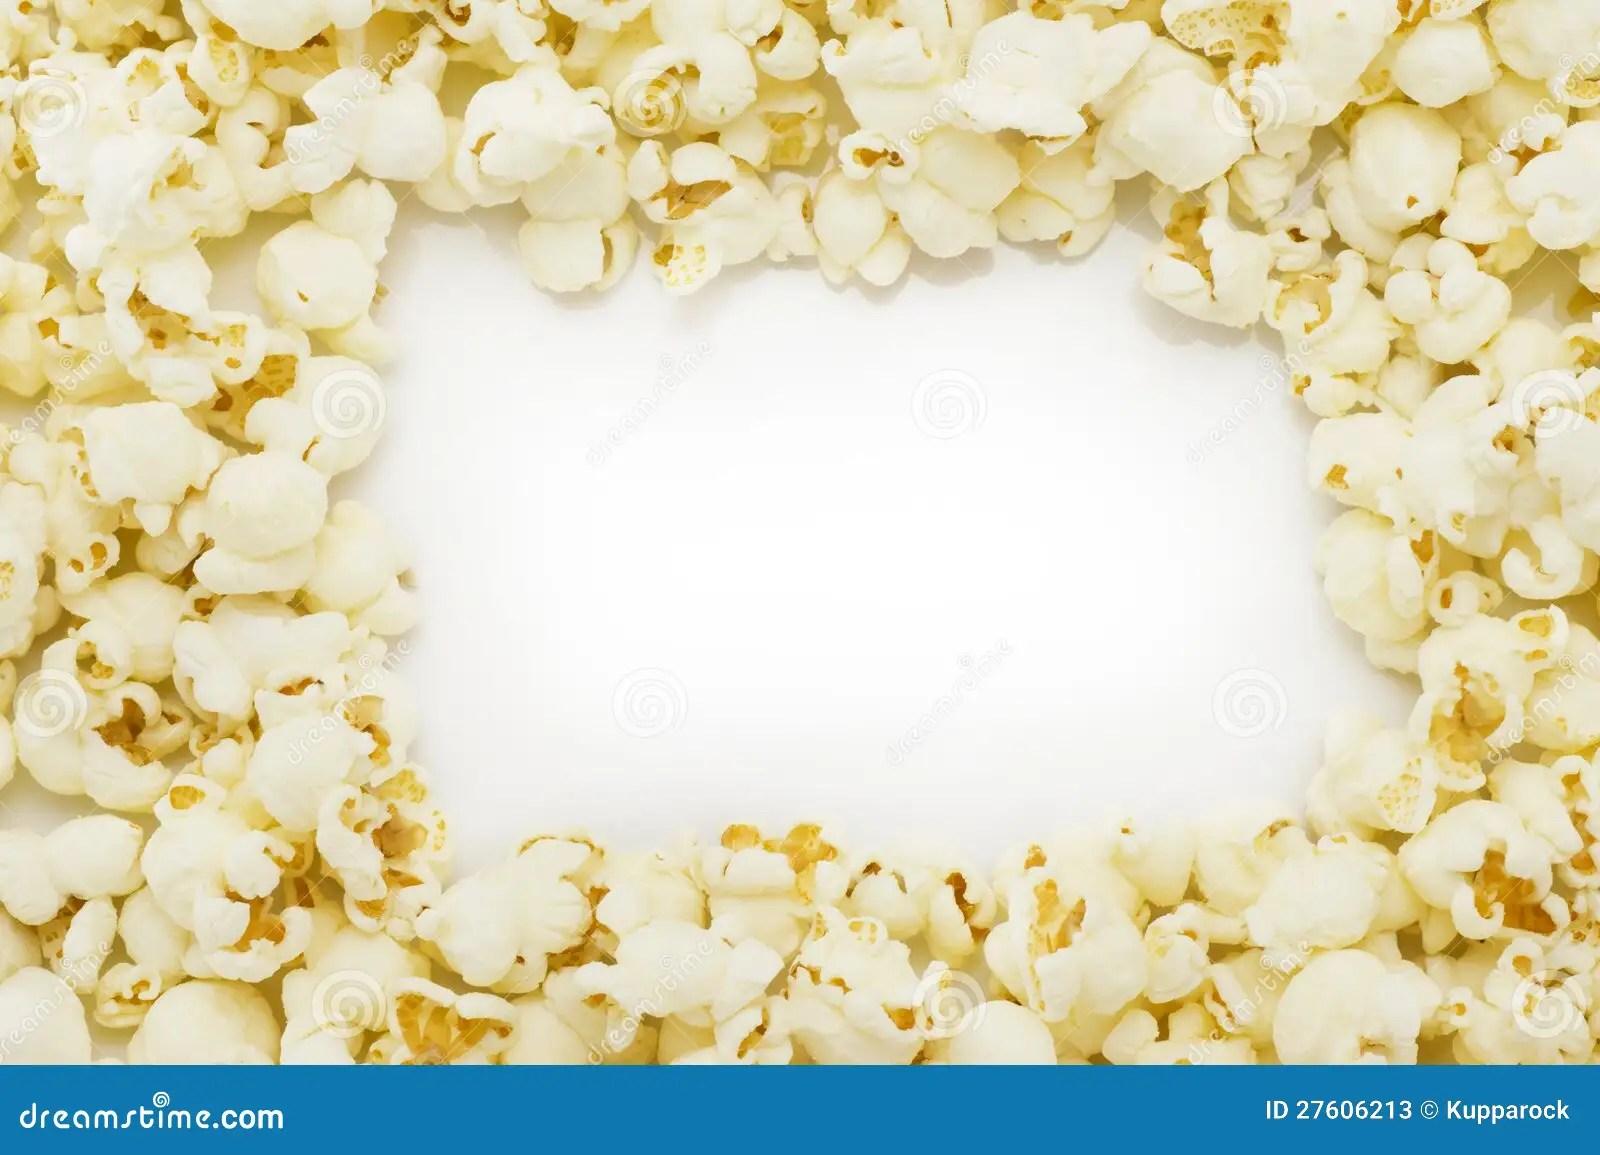 Popcorn Border Clip Art